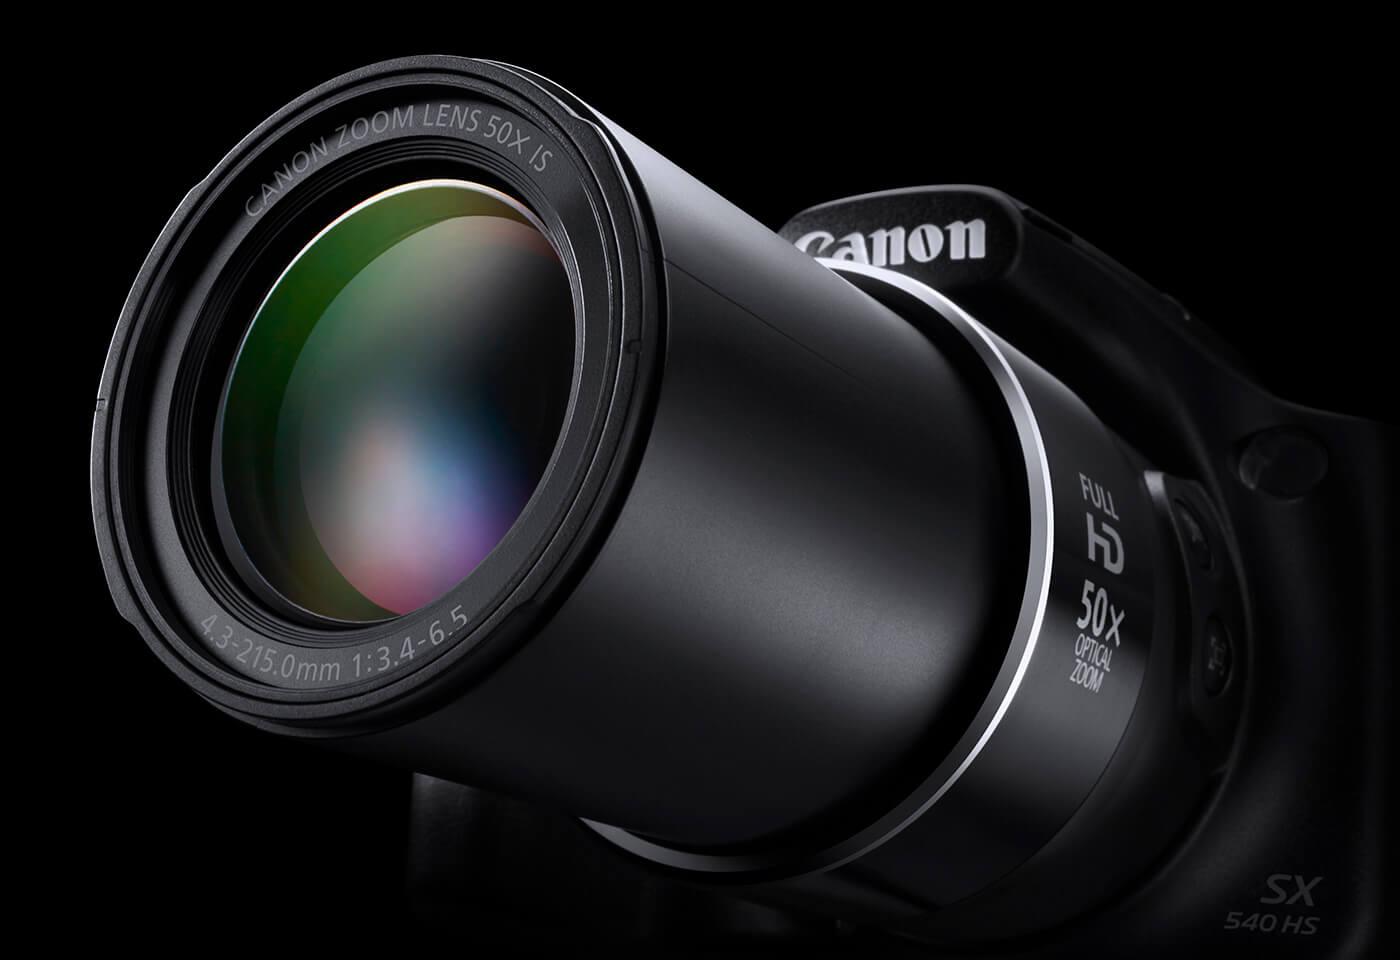 Powershot SX540 HS 50x zoom lens